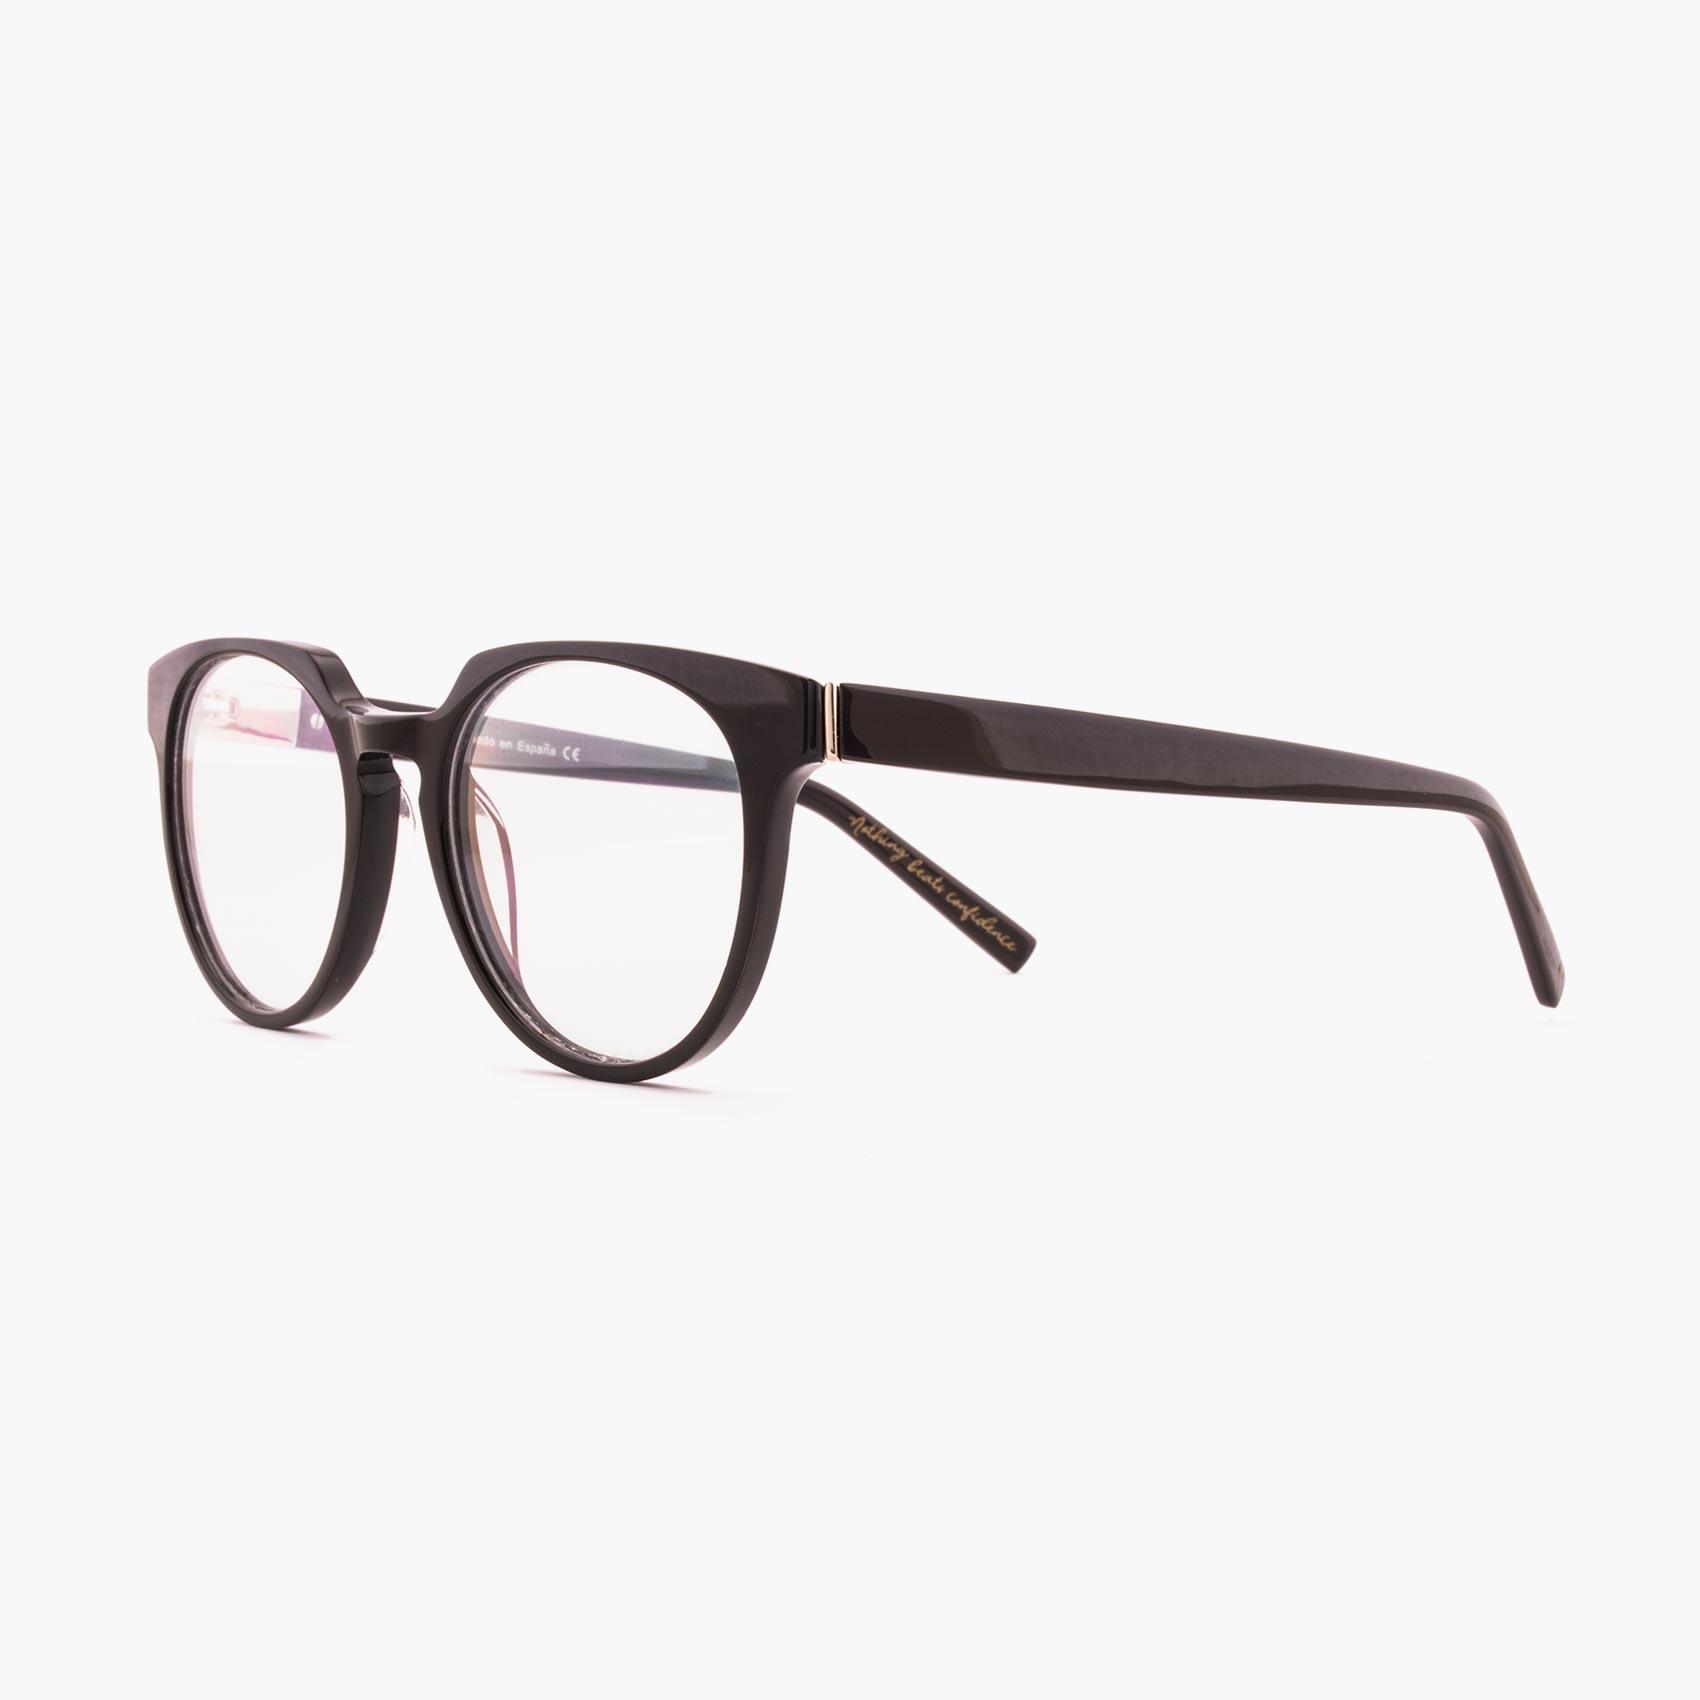 Proud eyewear Benigni C2 L montura con puente de cerradura marrón oscuro